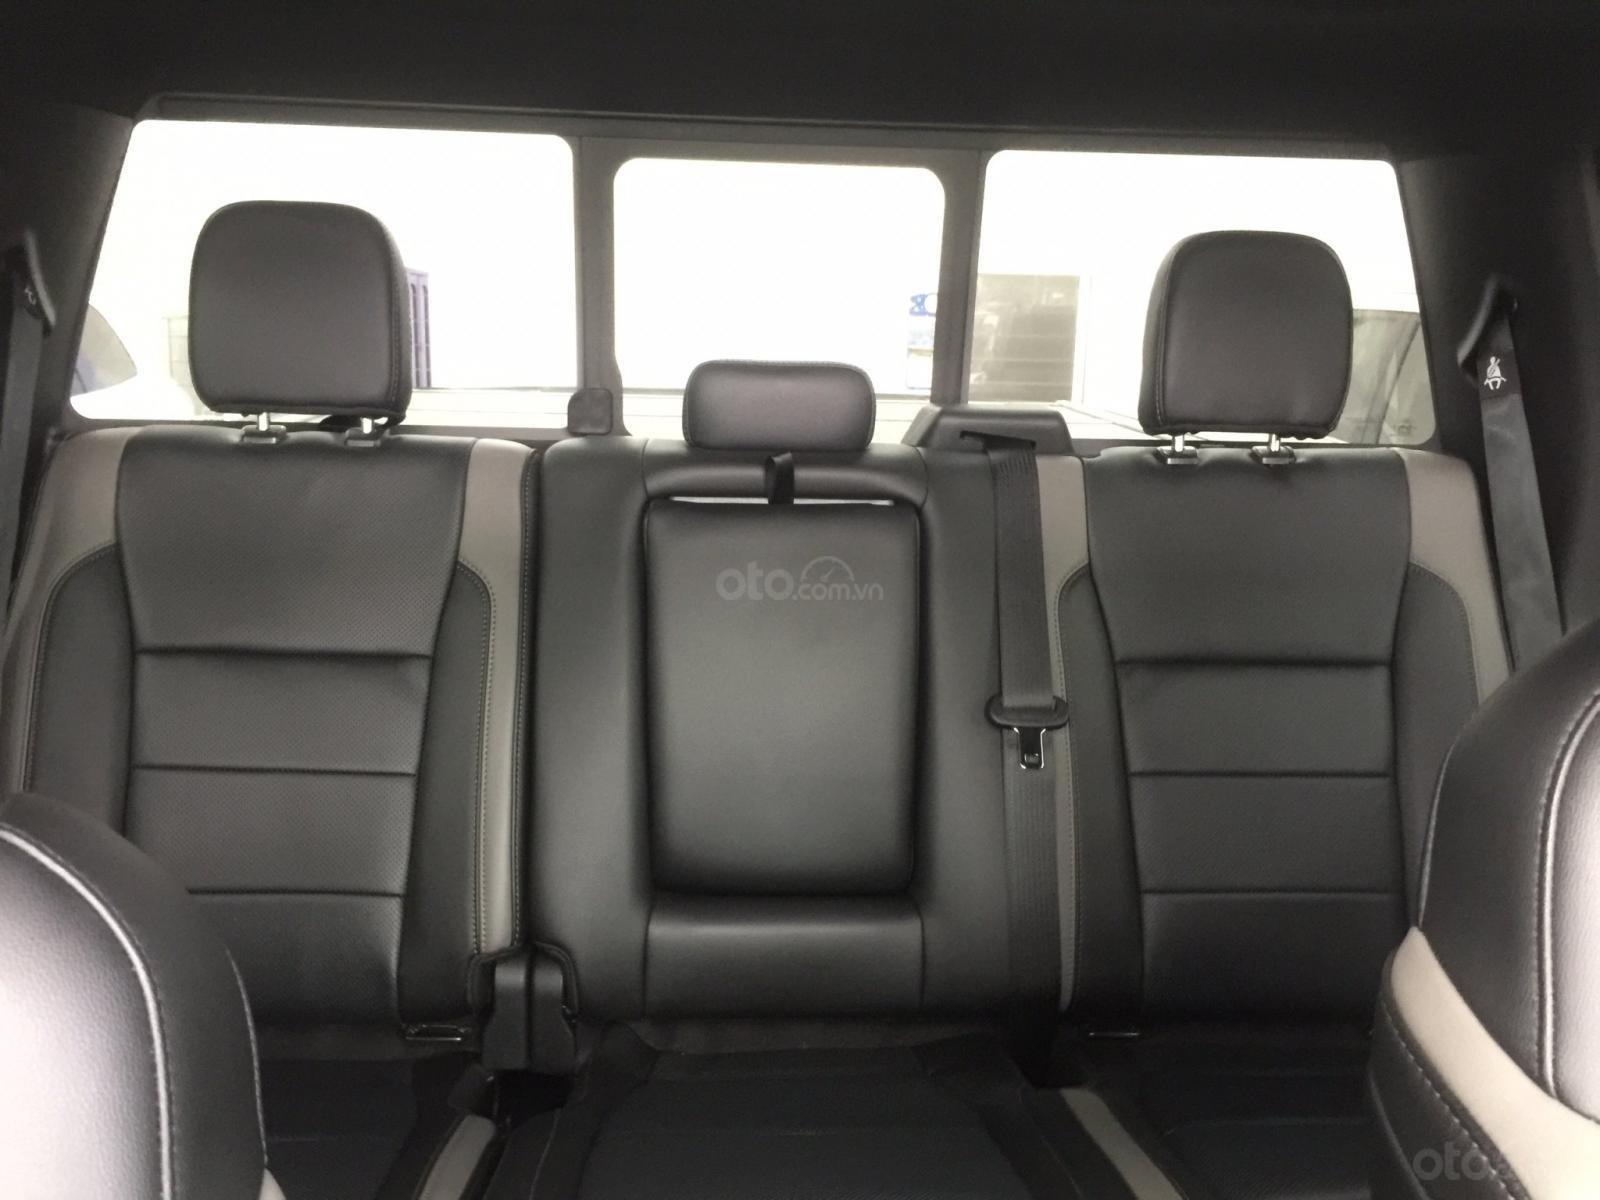 Bán siêu bán tải Ford F150 Raptor 2020, giá tốt giao ngay toàn quốc. LH Ms. Ngọc Vy 093.996.2368 (23)